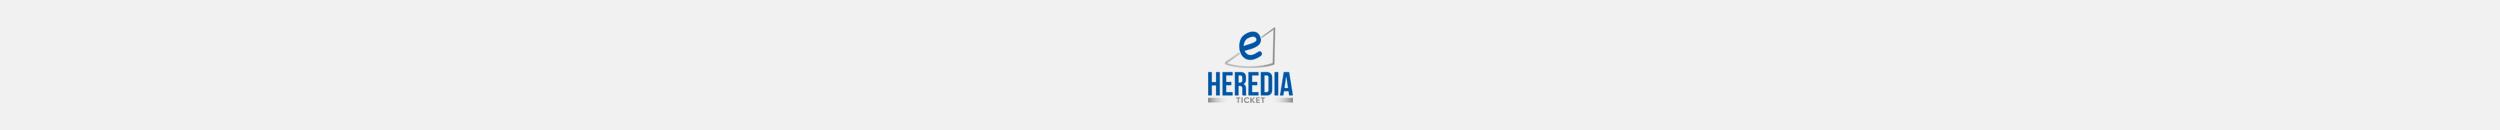 E-Heredia.jpg